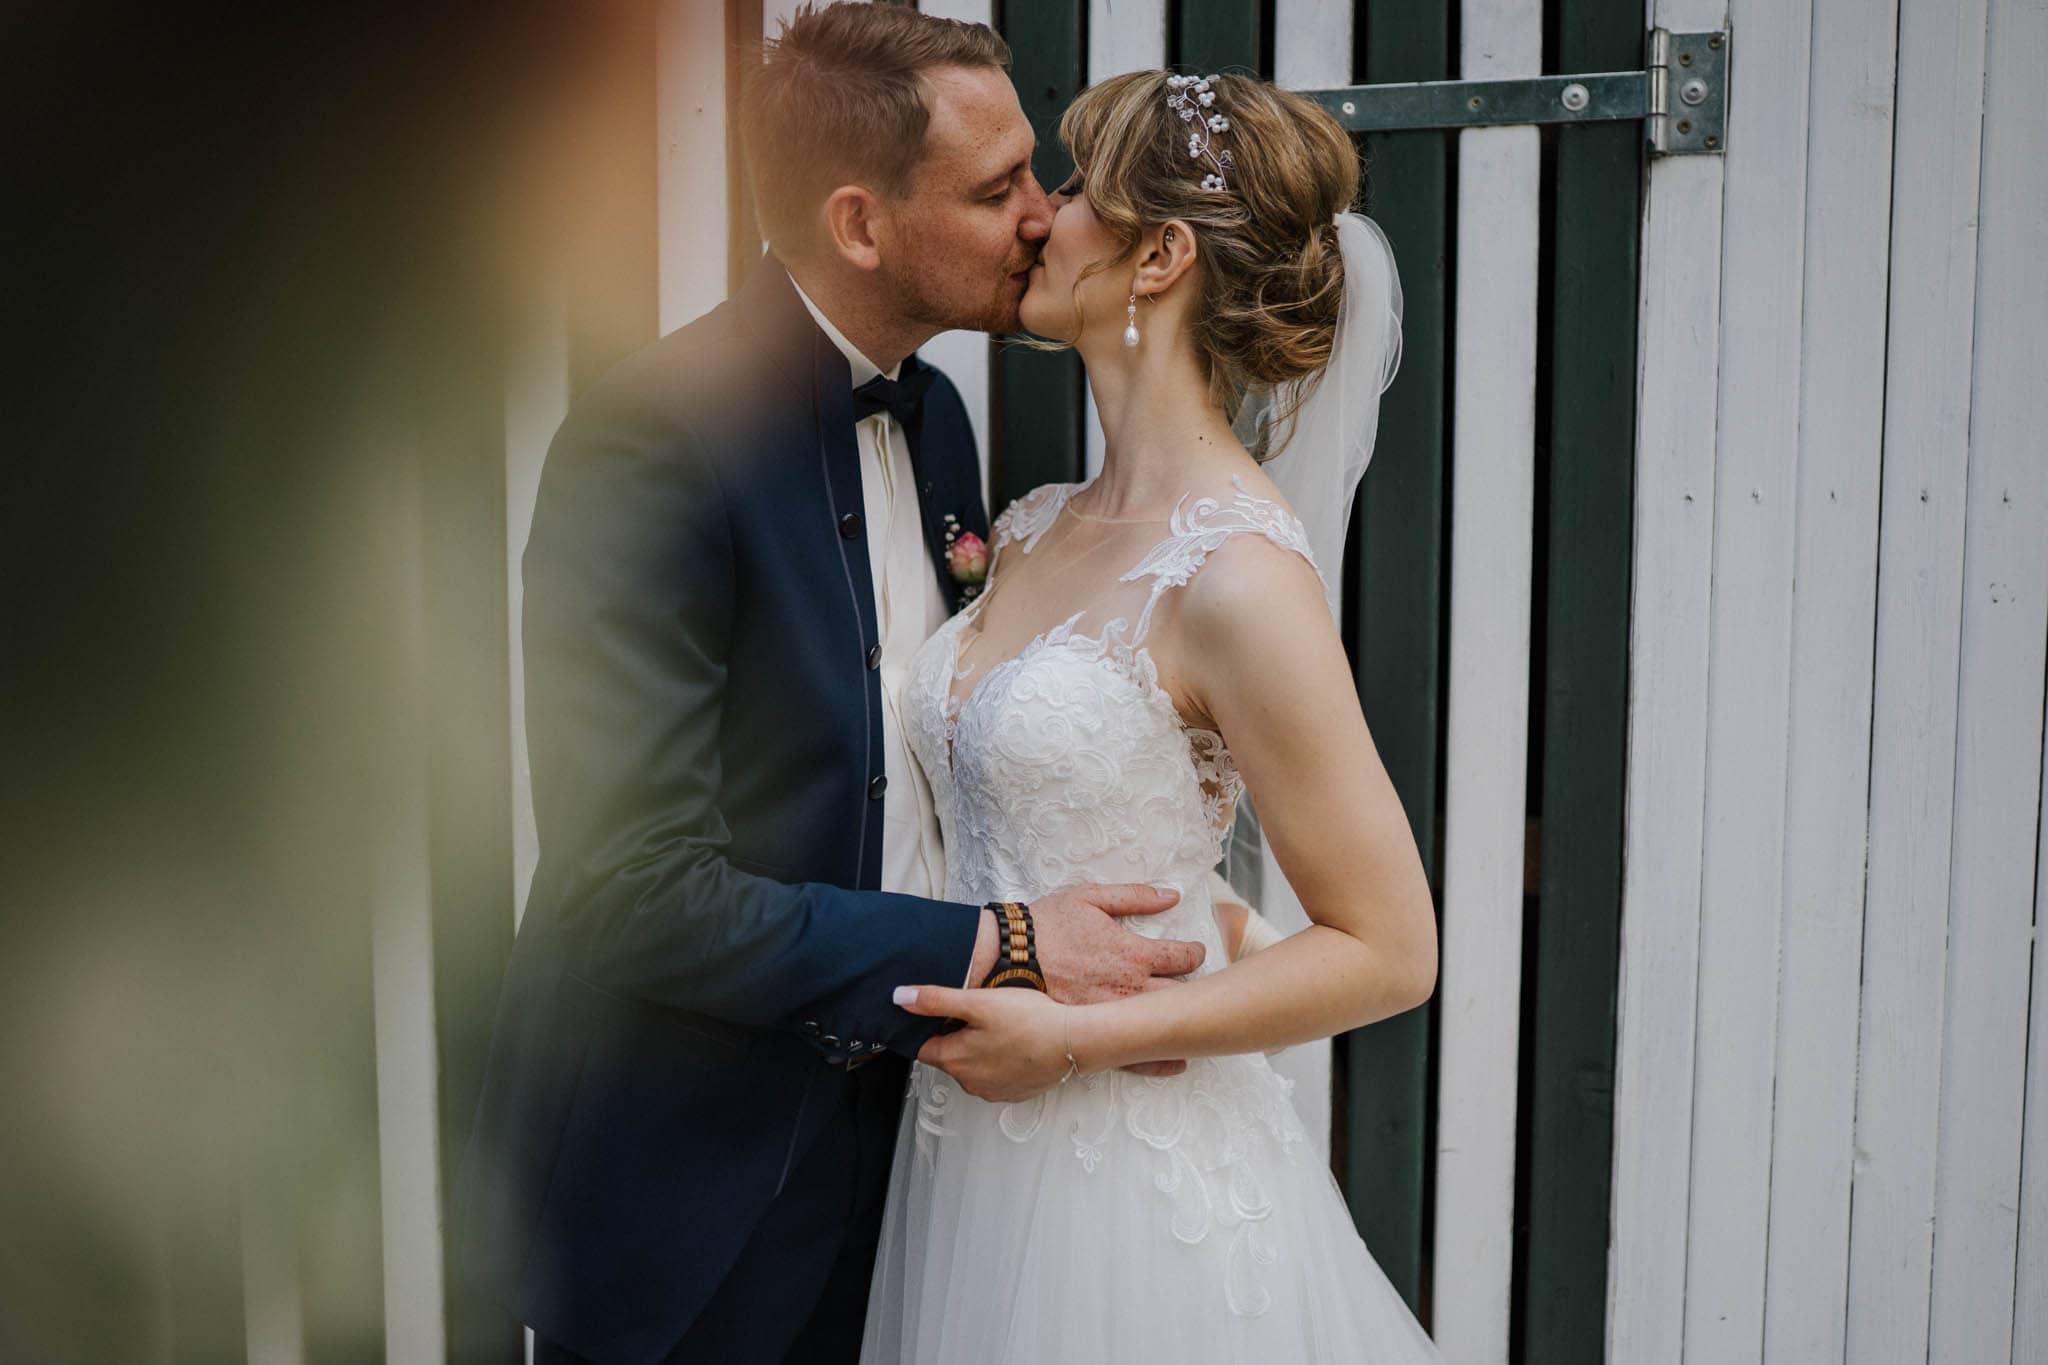 Hochzeitsfieber by Photo-Schomburg, Hoichzeitsfotograf, Hamburg, Wedding, Weddingtime, Hochzeitspaar, Braut, Bräutigam, Hochzeit im Norden,-88